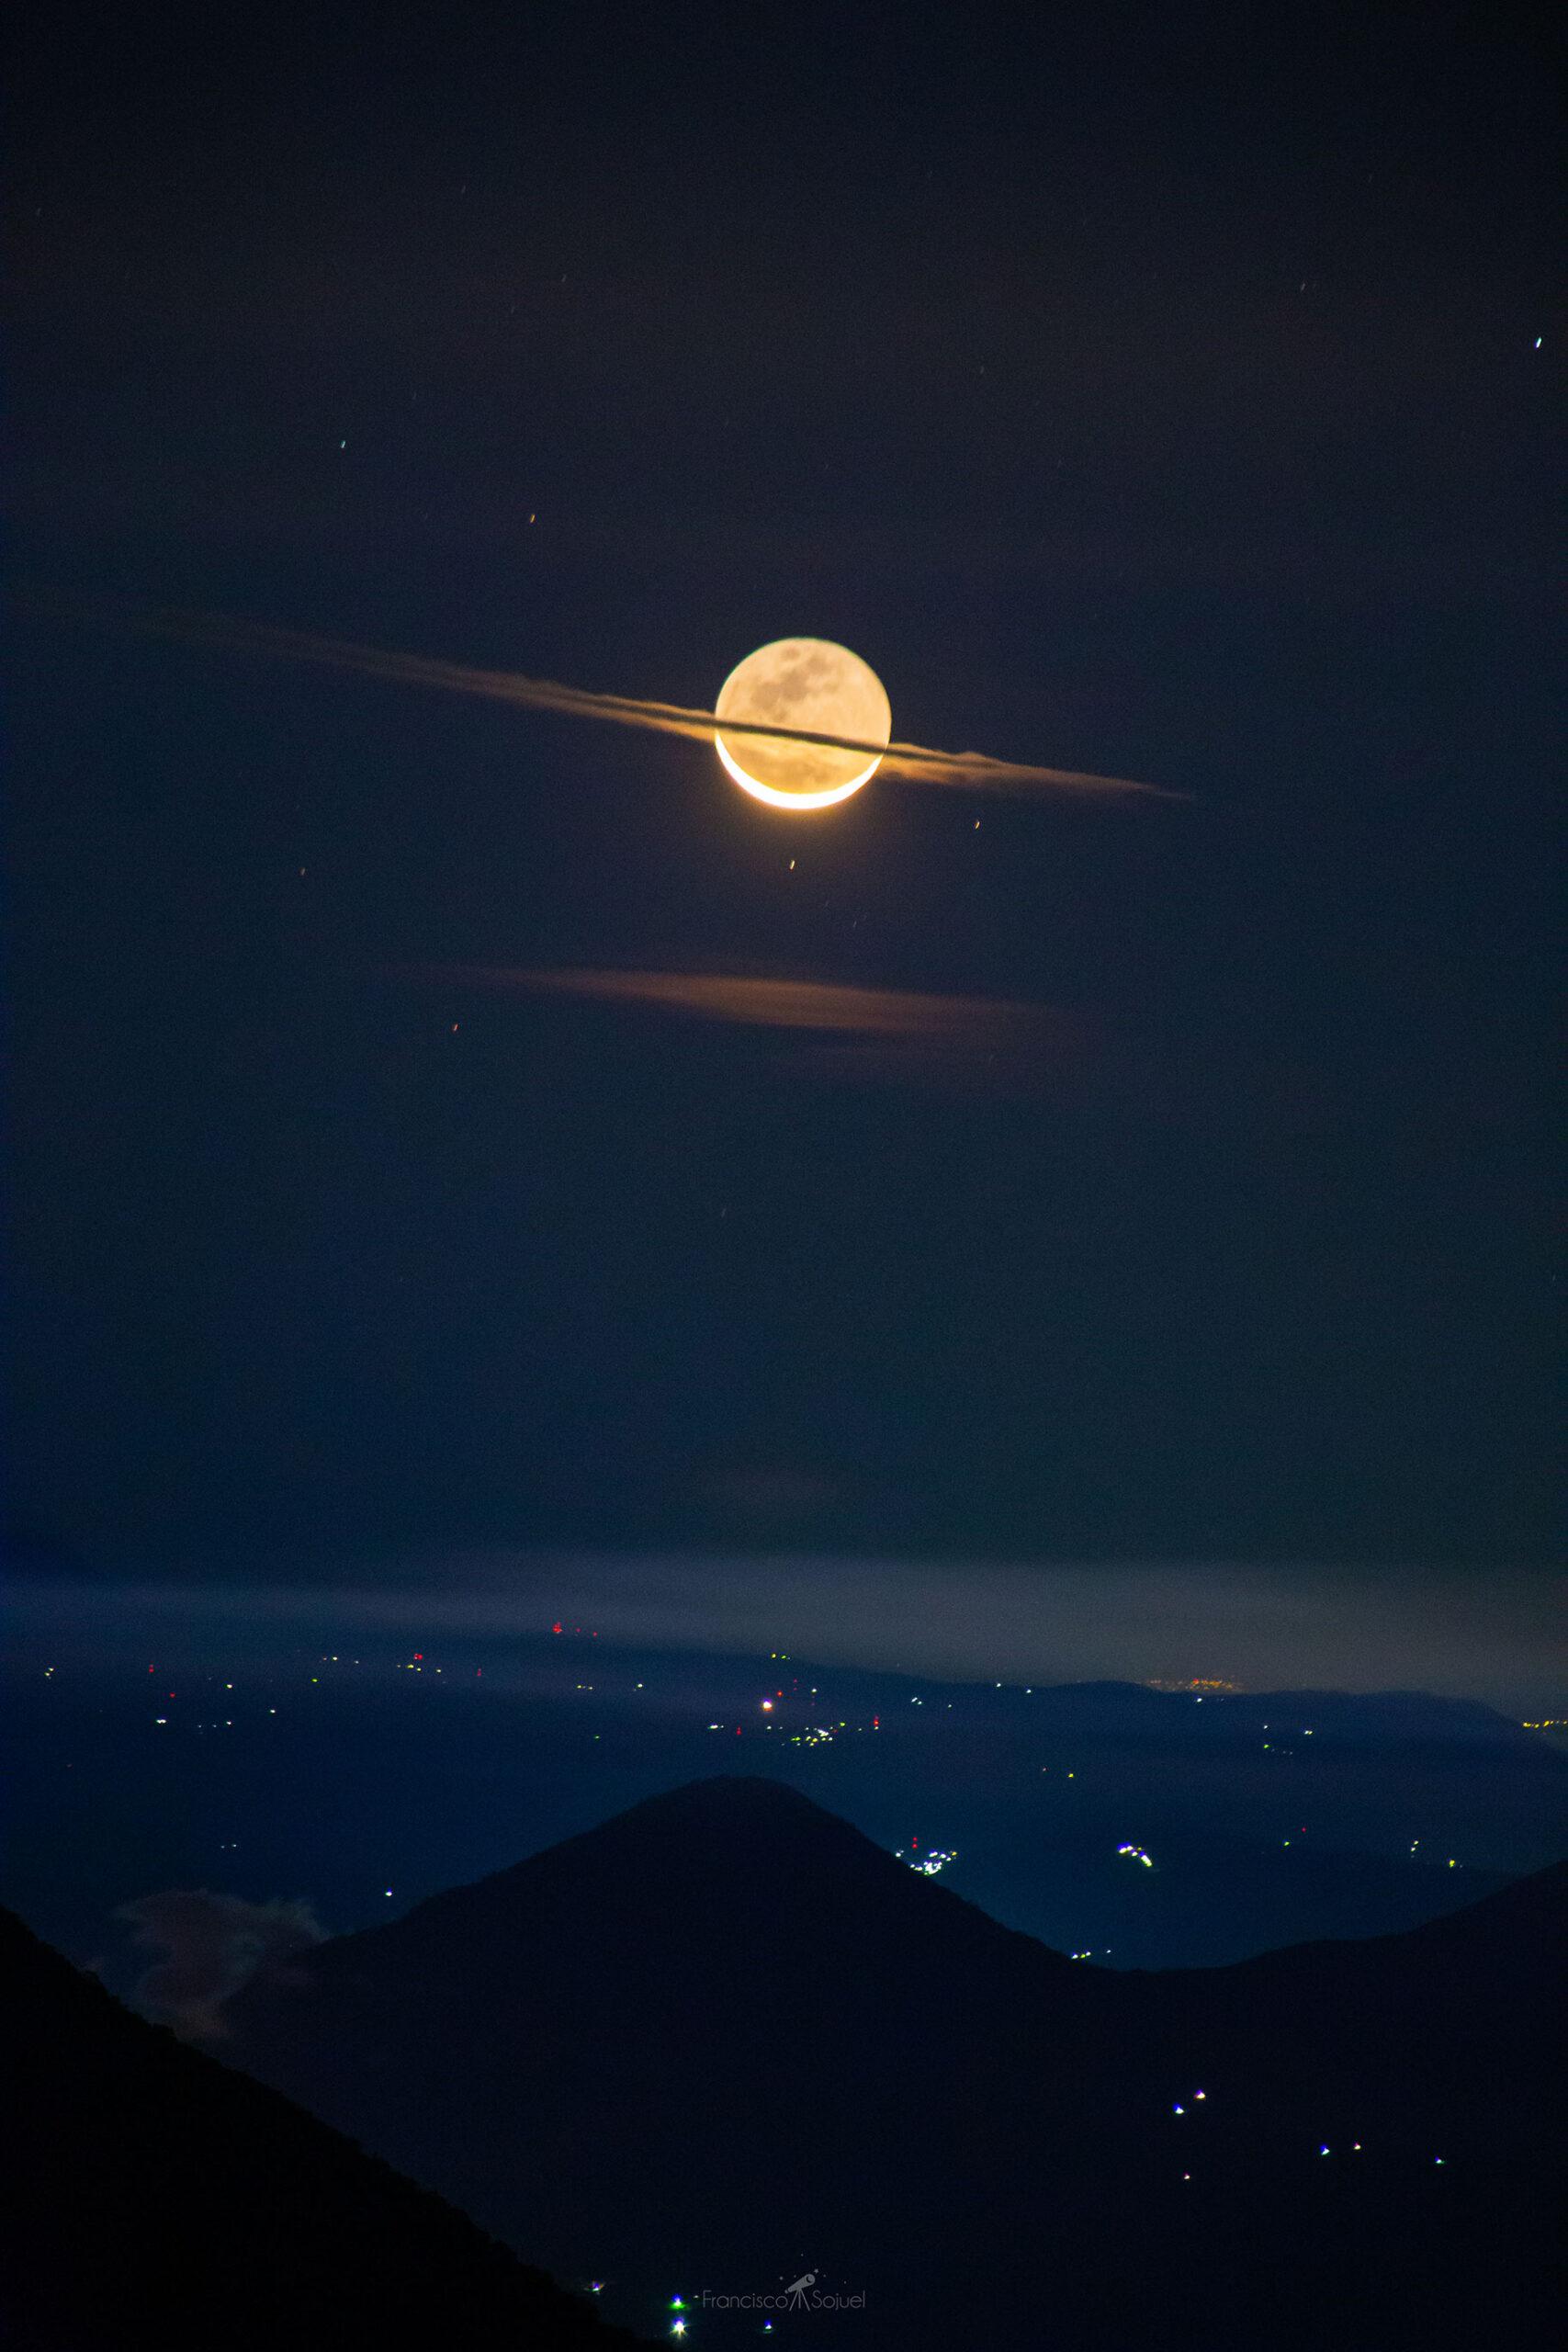 Снимок дня: фотограф запечатлел Луну в образе Сатурна